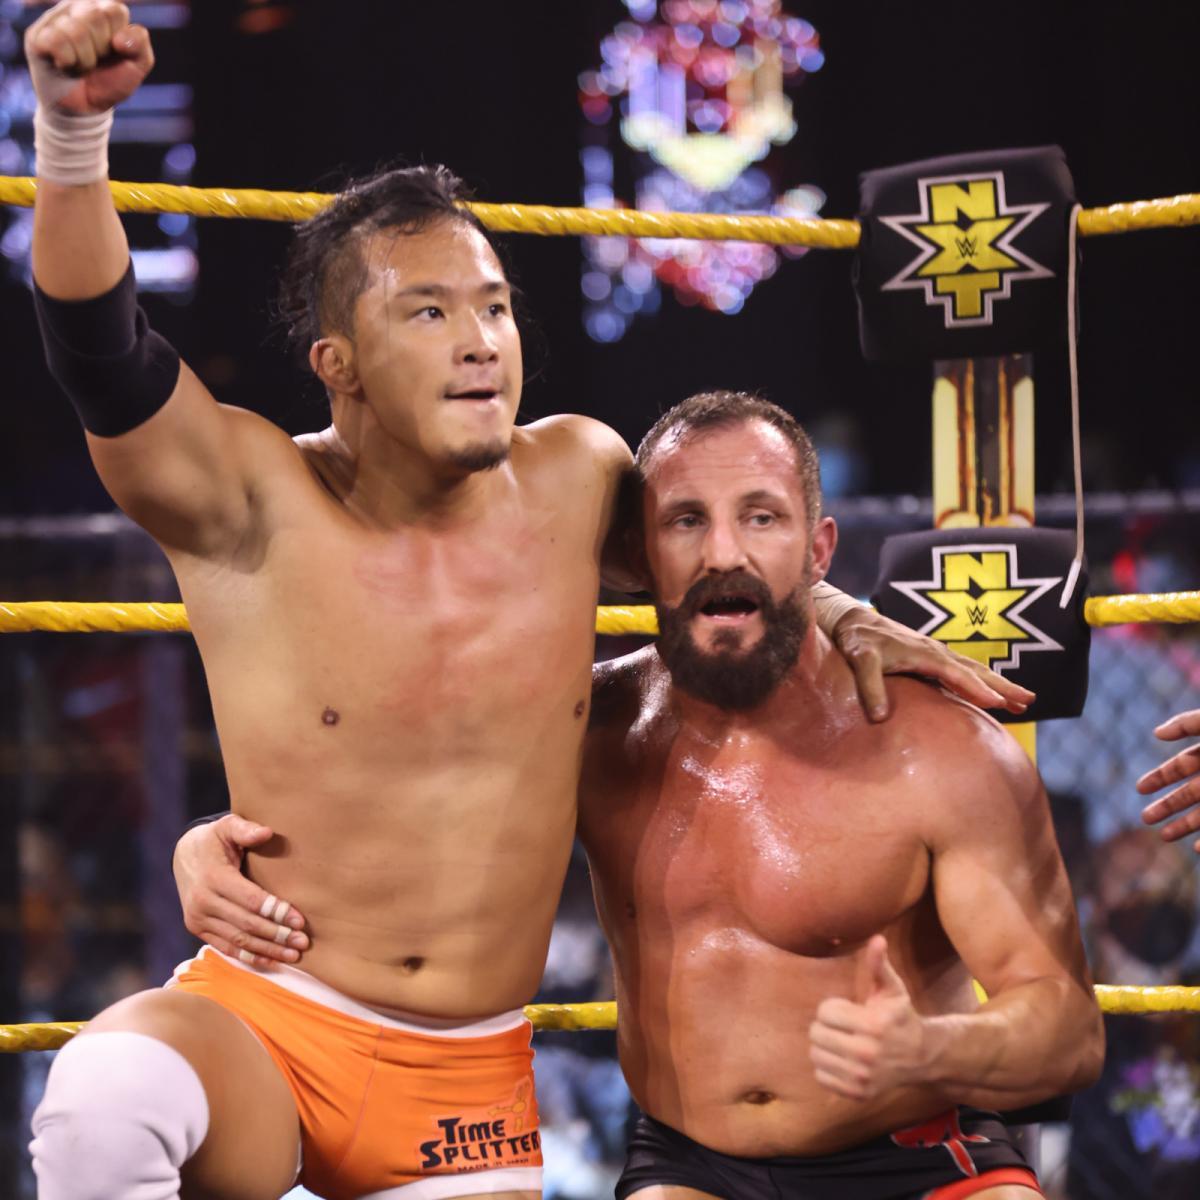 フィッシュ(右)と勝利を喜ぶNXTクルーザー級王者KUSHIDA(C)2021 WWE, Inc. All Rights Reserved.